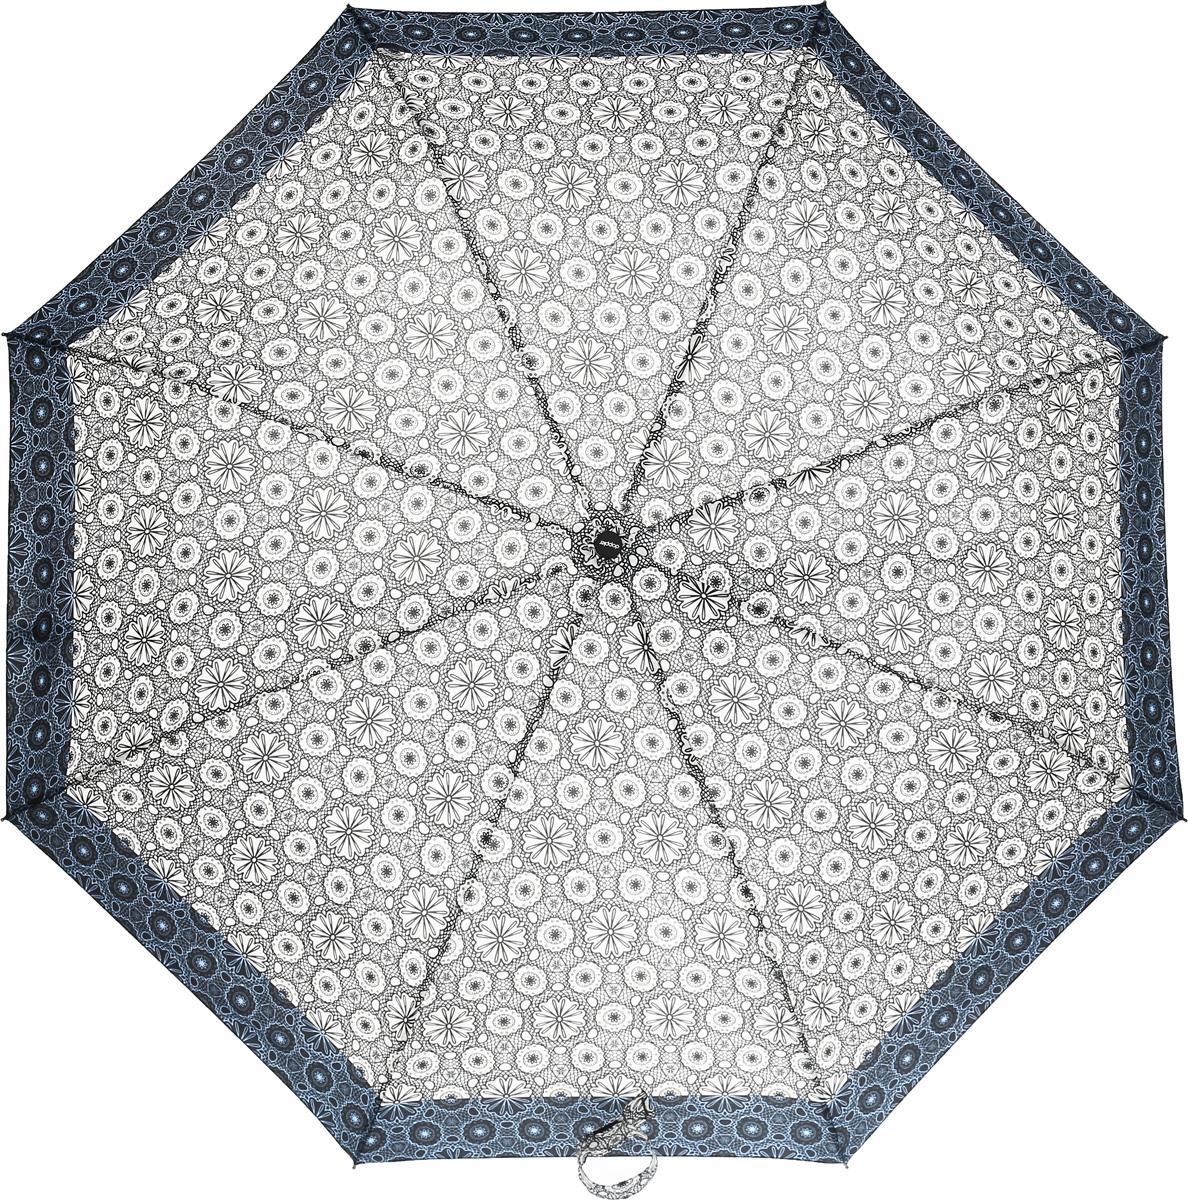 Doppler Зонт 744146521 Style, 3 сложения, система антиветер, лакированная ручка744146521 blue flowersЗонт Doppler, всемирно известный бренд, имеющий многолетнюю традицию.